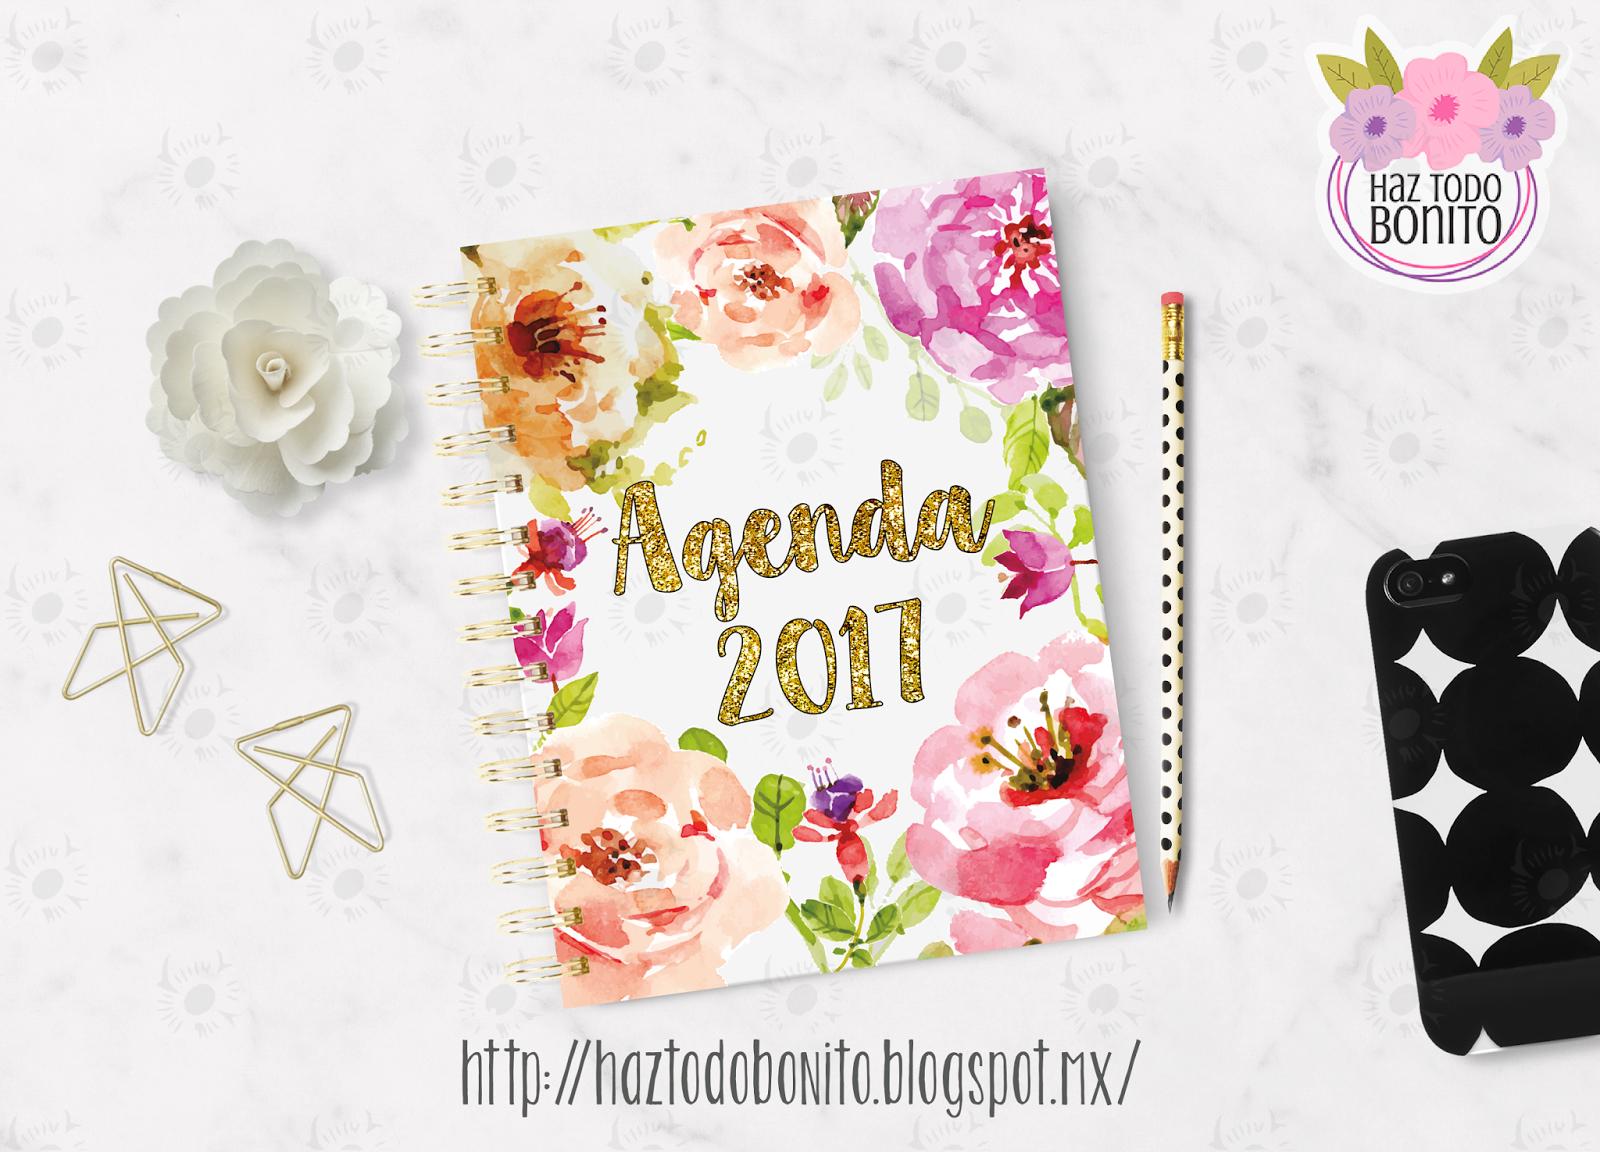 Agenda Haz Todo Bonito 2017 - Haz Todo Bonito